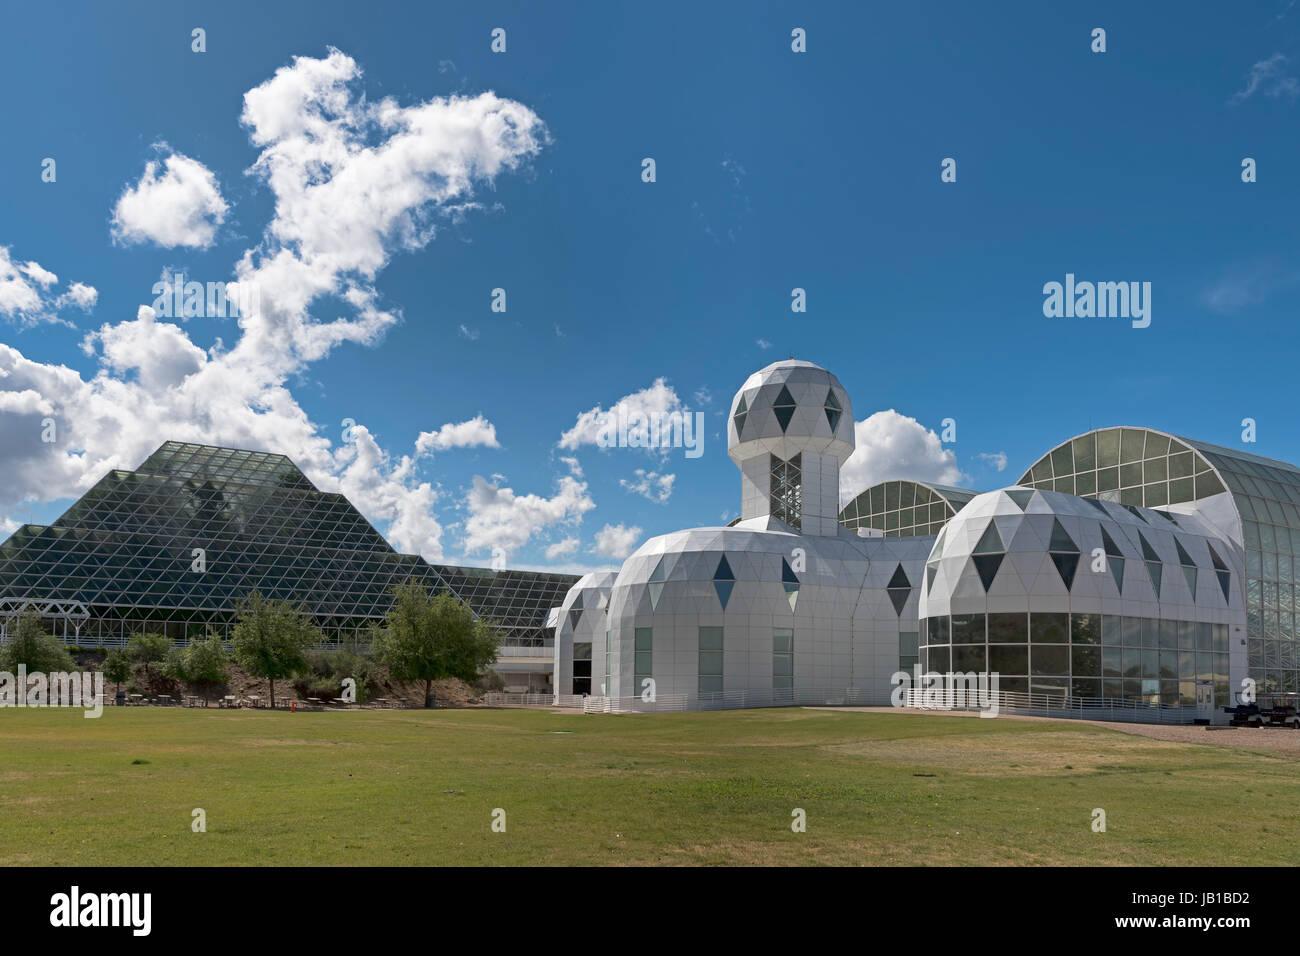 Biosphere 2, self-sustaining ecosystem, Oracle, Arizona, USA - Stock Image